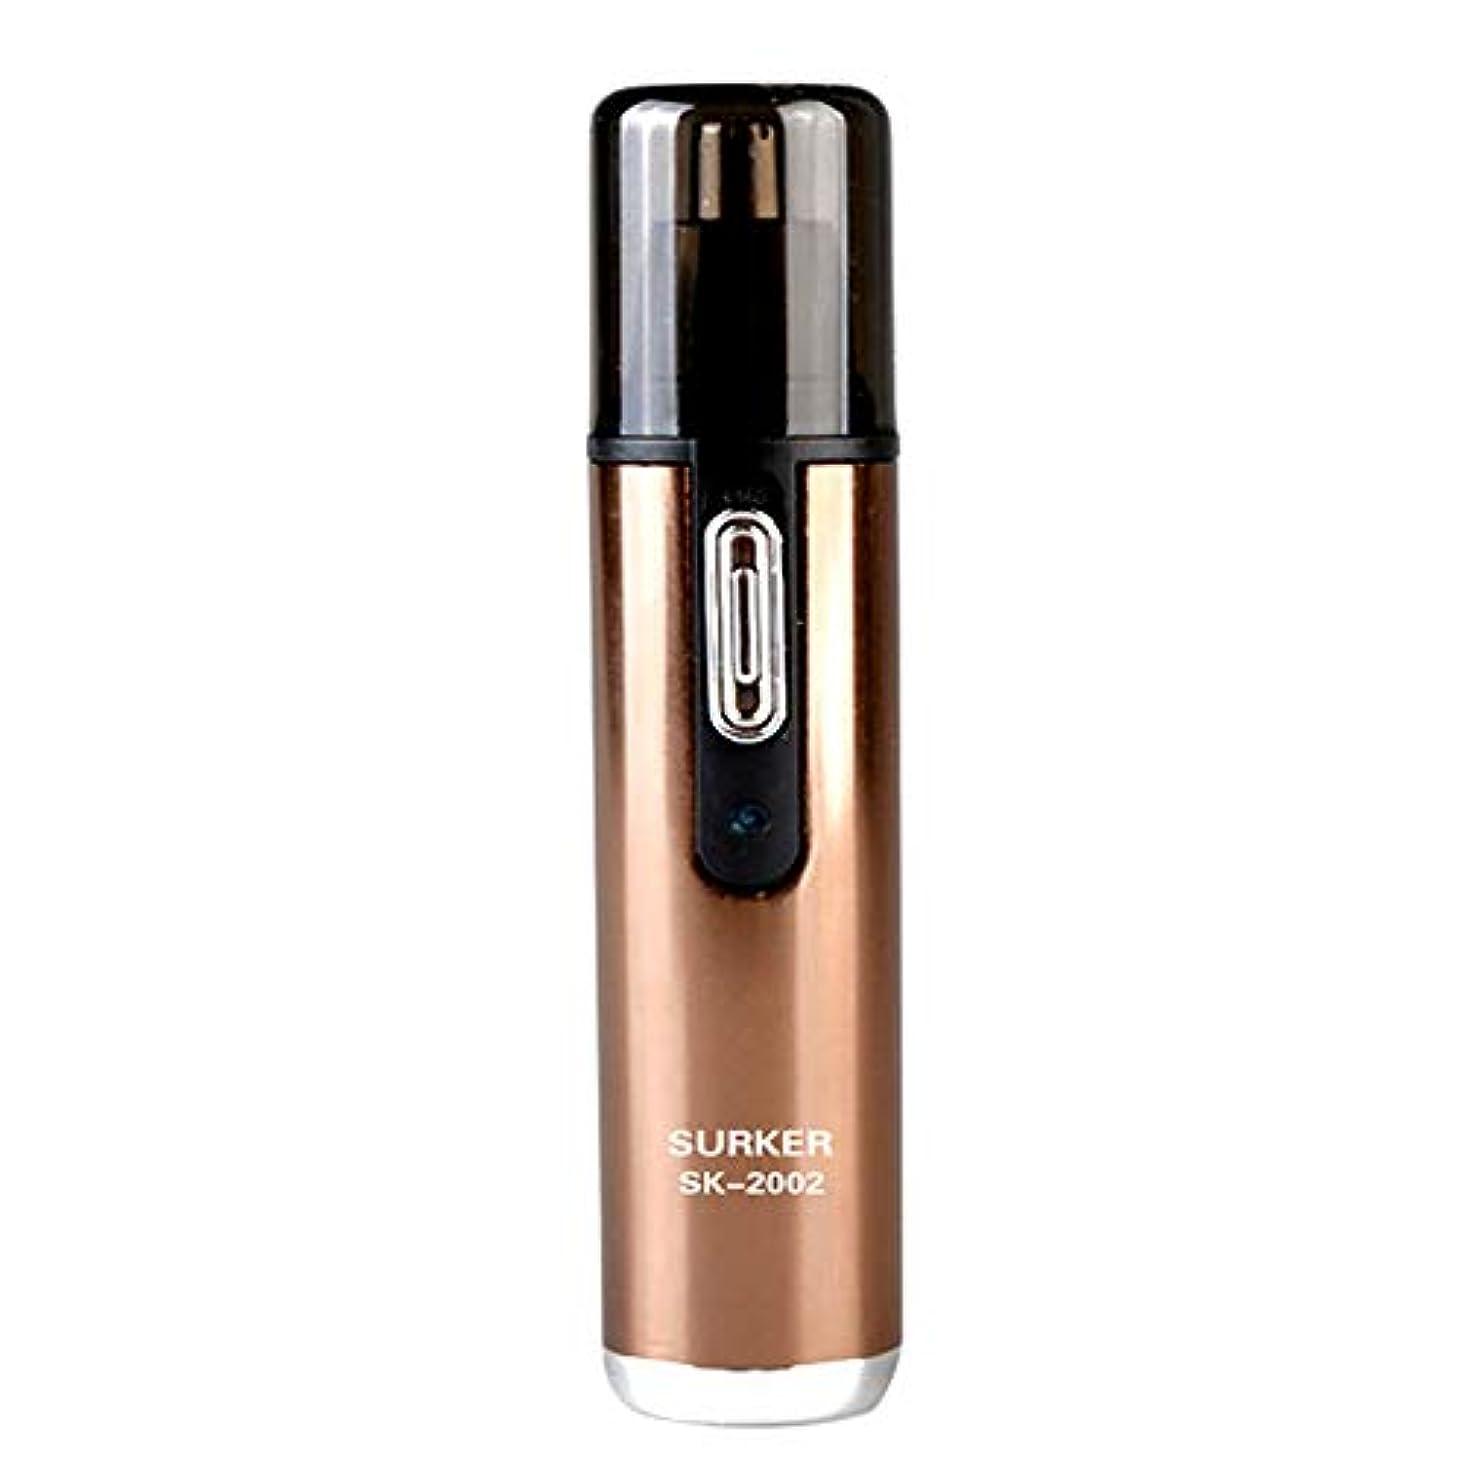 に向けて出発風変わりな有益鼻のヘアトリマーは使いやすいです男性と女性のための50 dB以下の内部360°回転でノイズのある明るいLEDライトで、保護カバーで掃除しやすいです